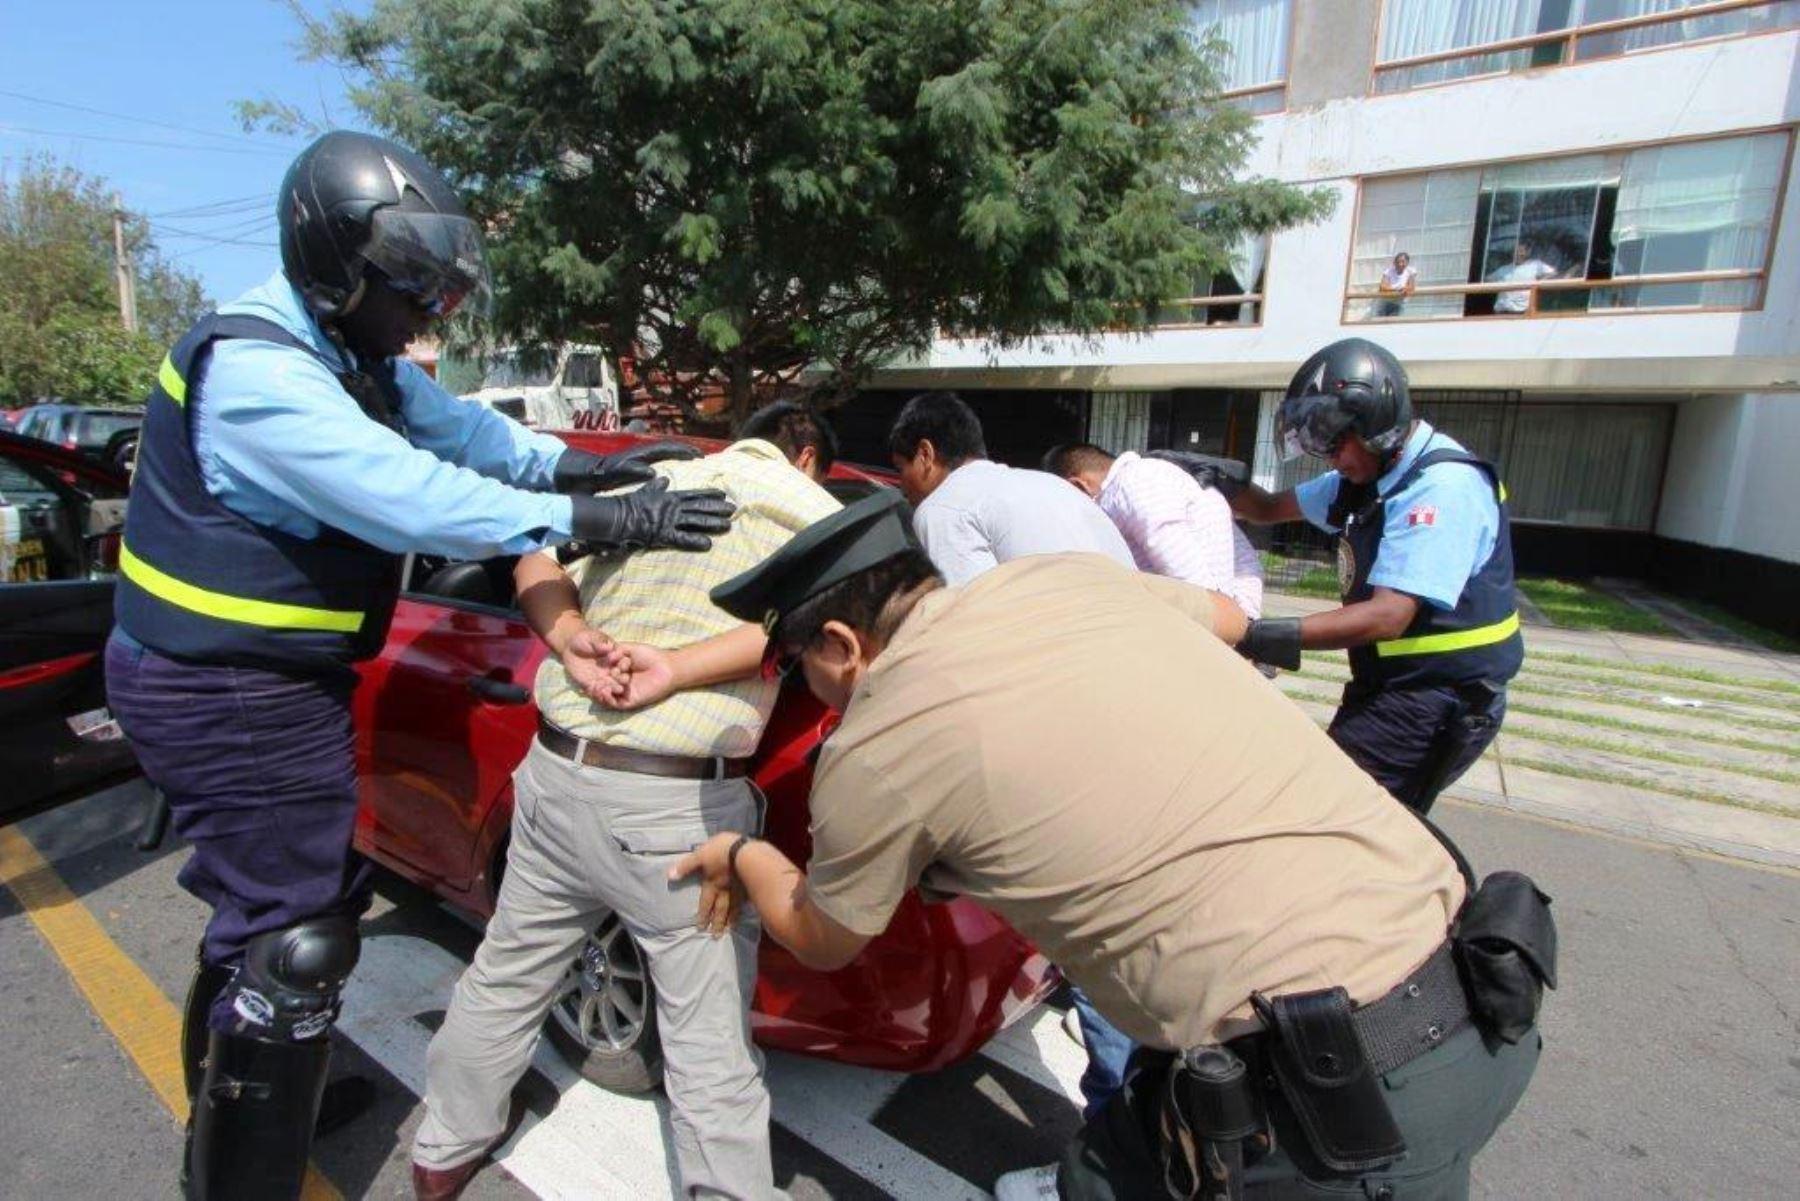 Relanzan patrullaje integrado con más de 50 policías en San Isidro. Foto: ANDINA/Difusión.